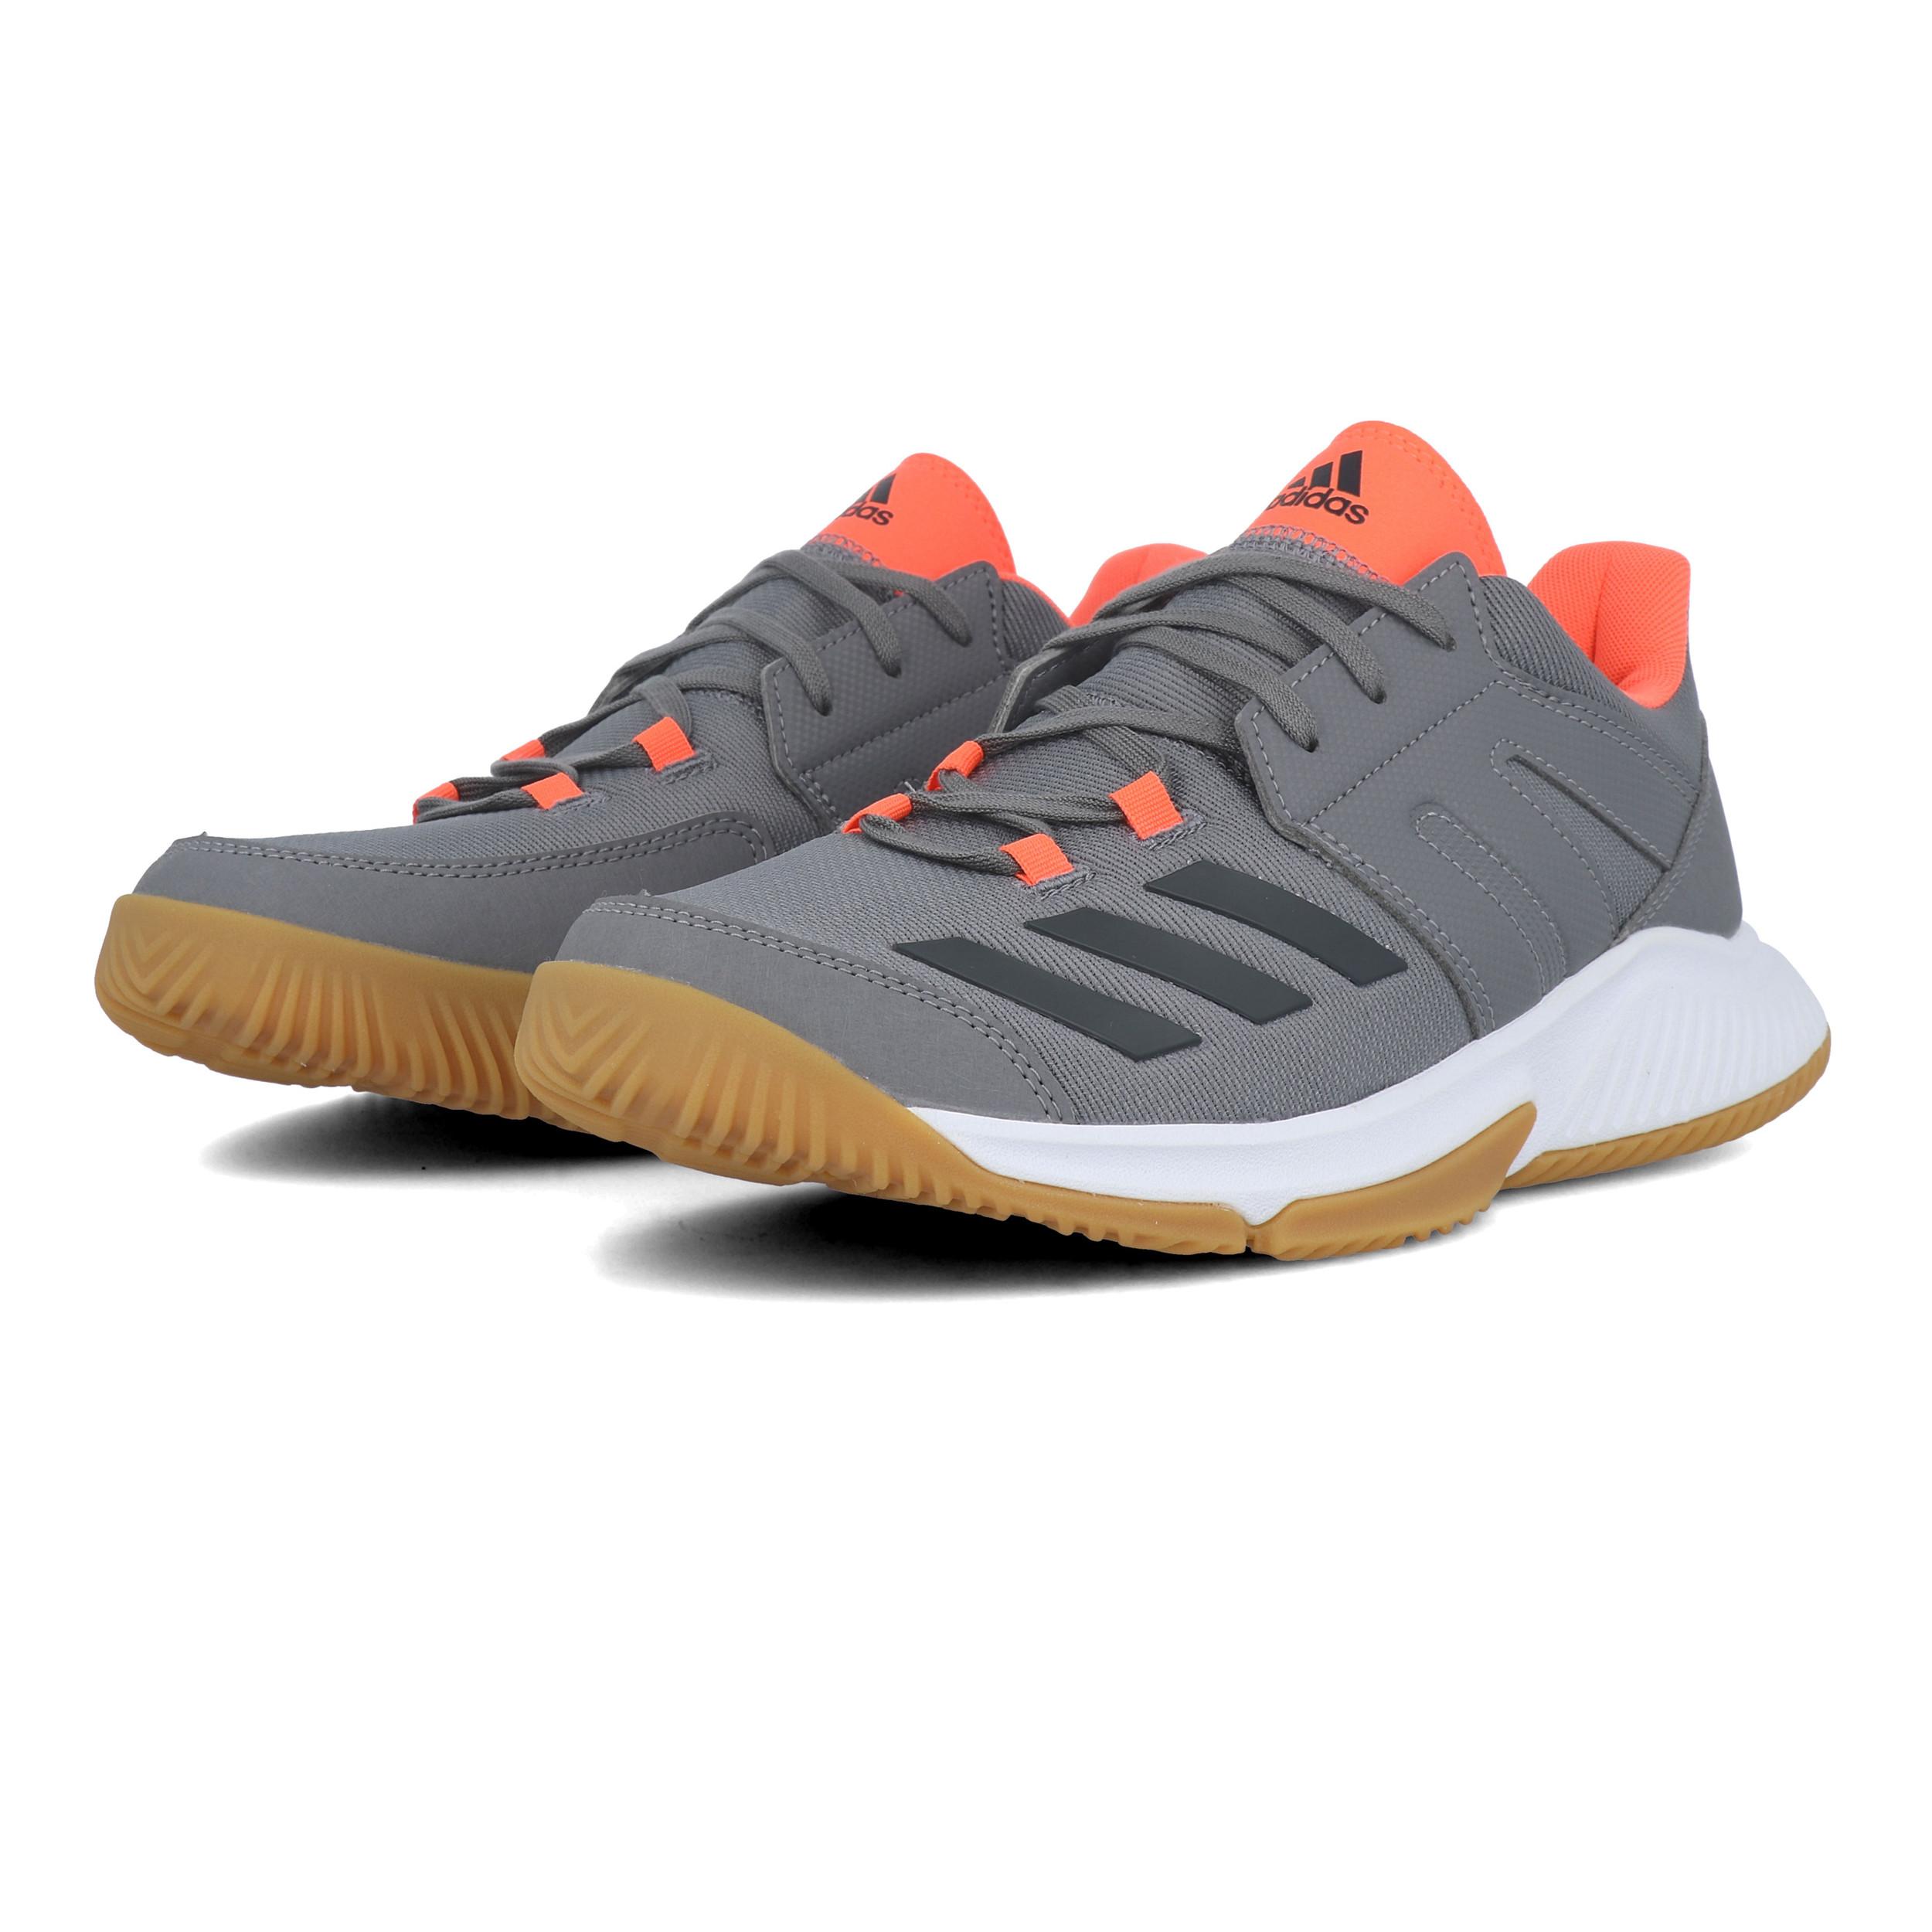 Détails sur Adidas pour homme Essence Intérieur Cour Chaussures Gris Sport Handball Respirant afficher le titre d'origine